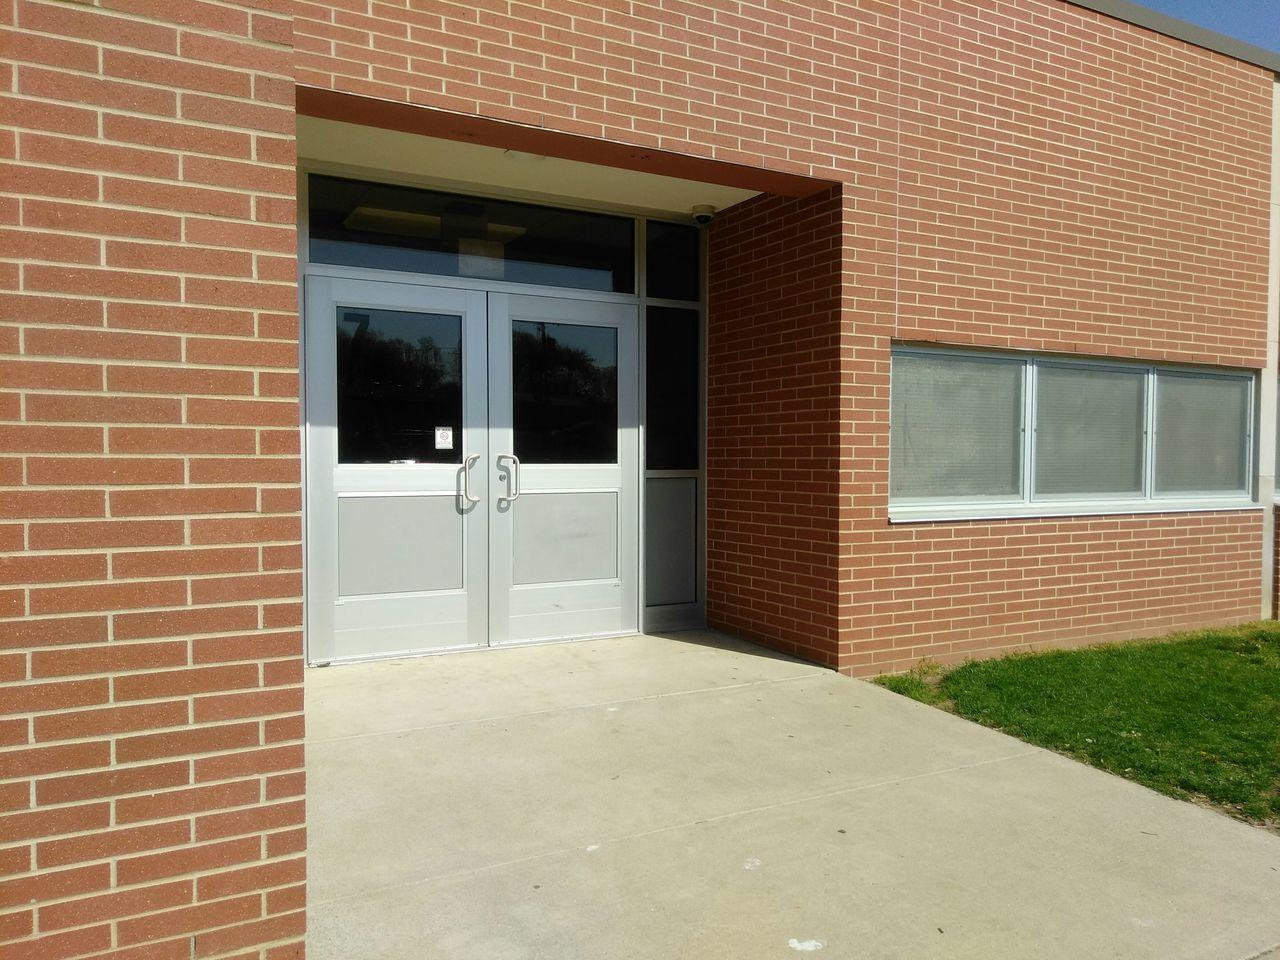 Door Window Architecture Entrance Building Exterior Built Structure House Façade Doorway Open No People Day Residential Building Outdoors Sliding Door Water